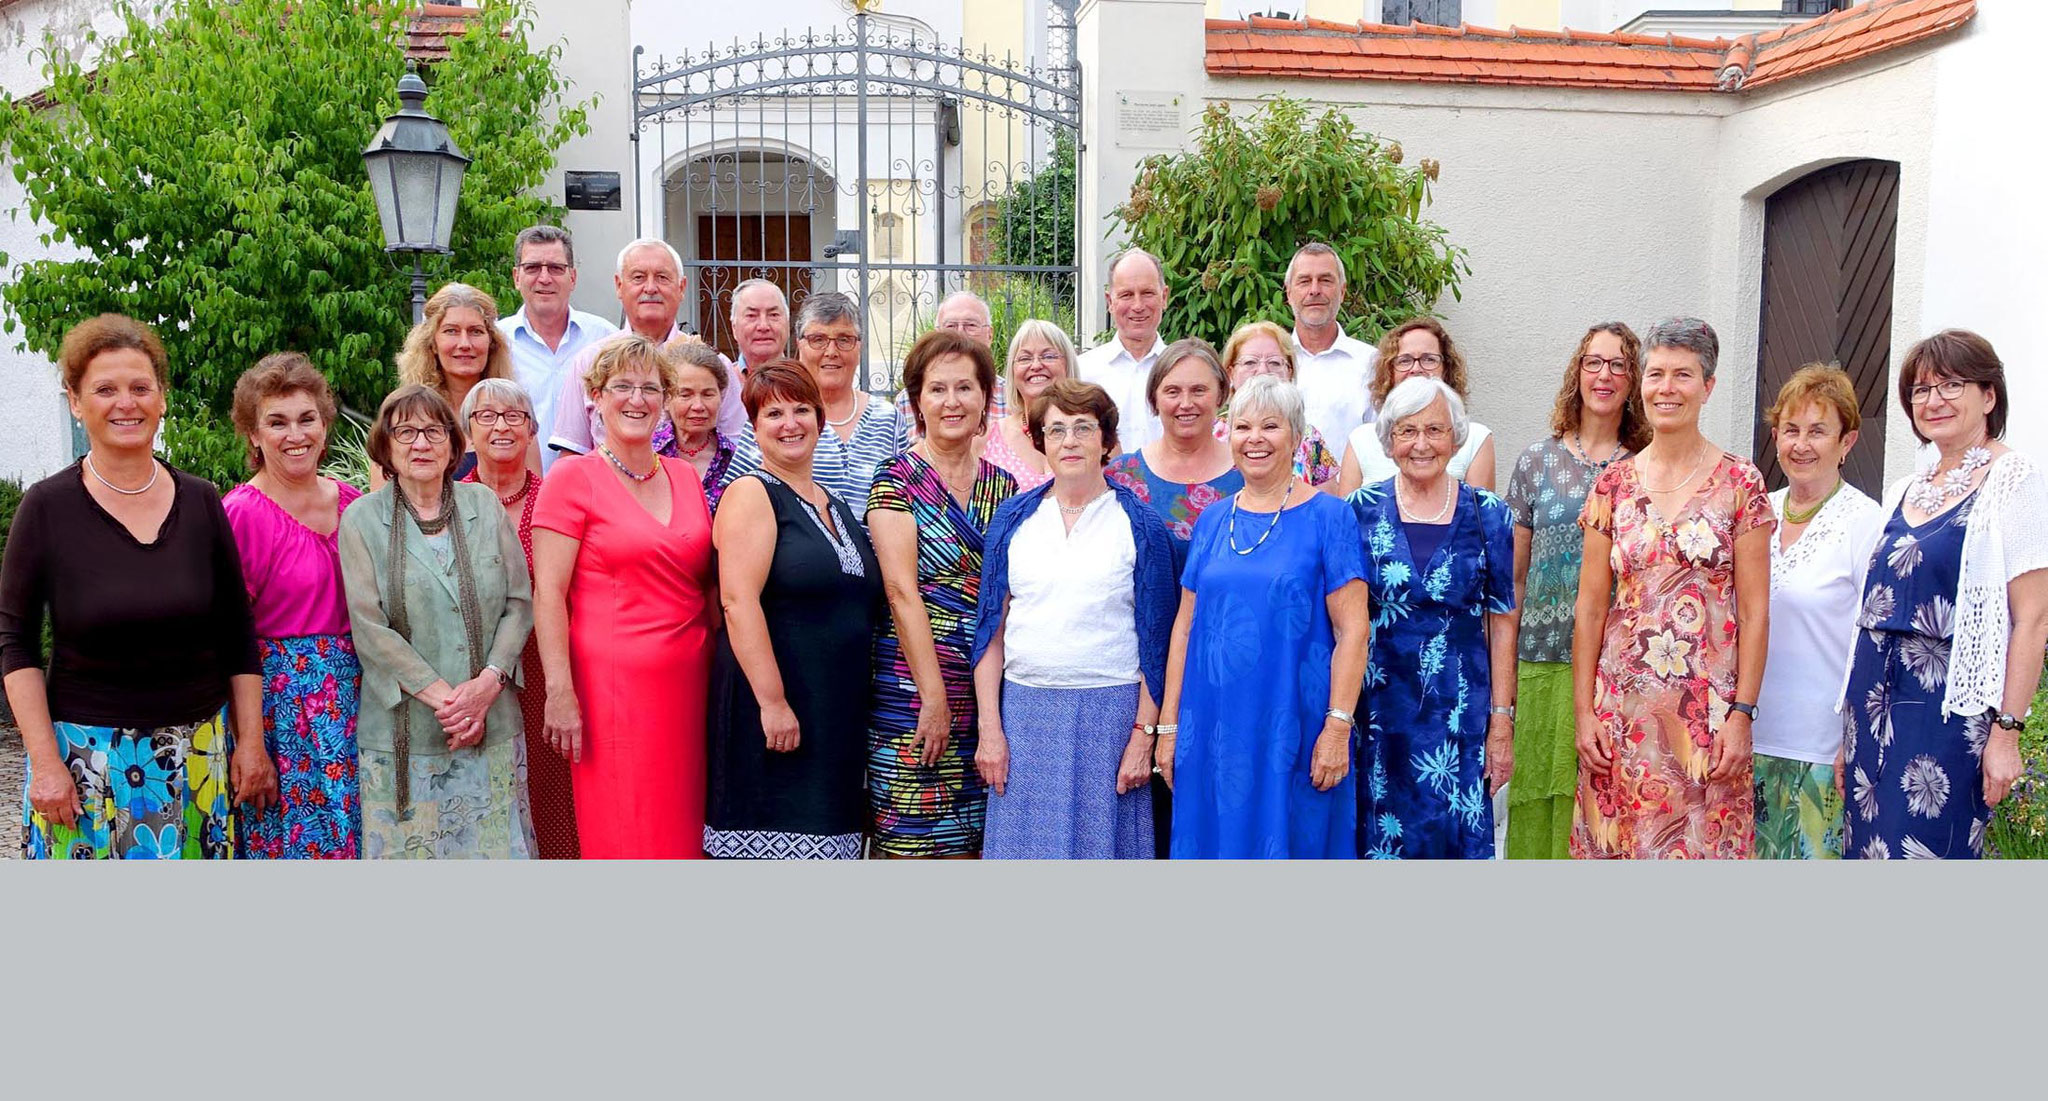 25. 06. 2017 - vor der Kath. Pfarrkirche St Ägidius beim LTG-Sommerkonzert